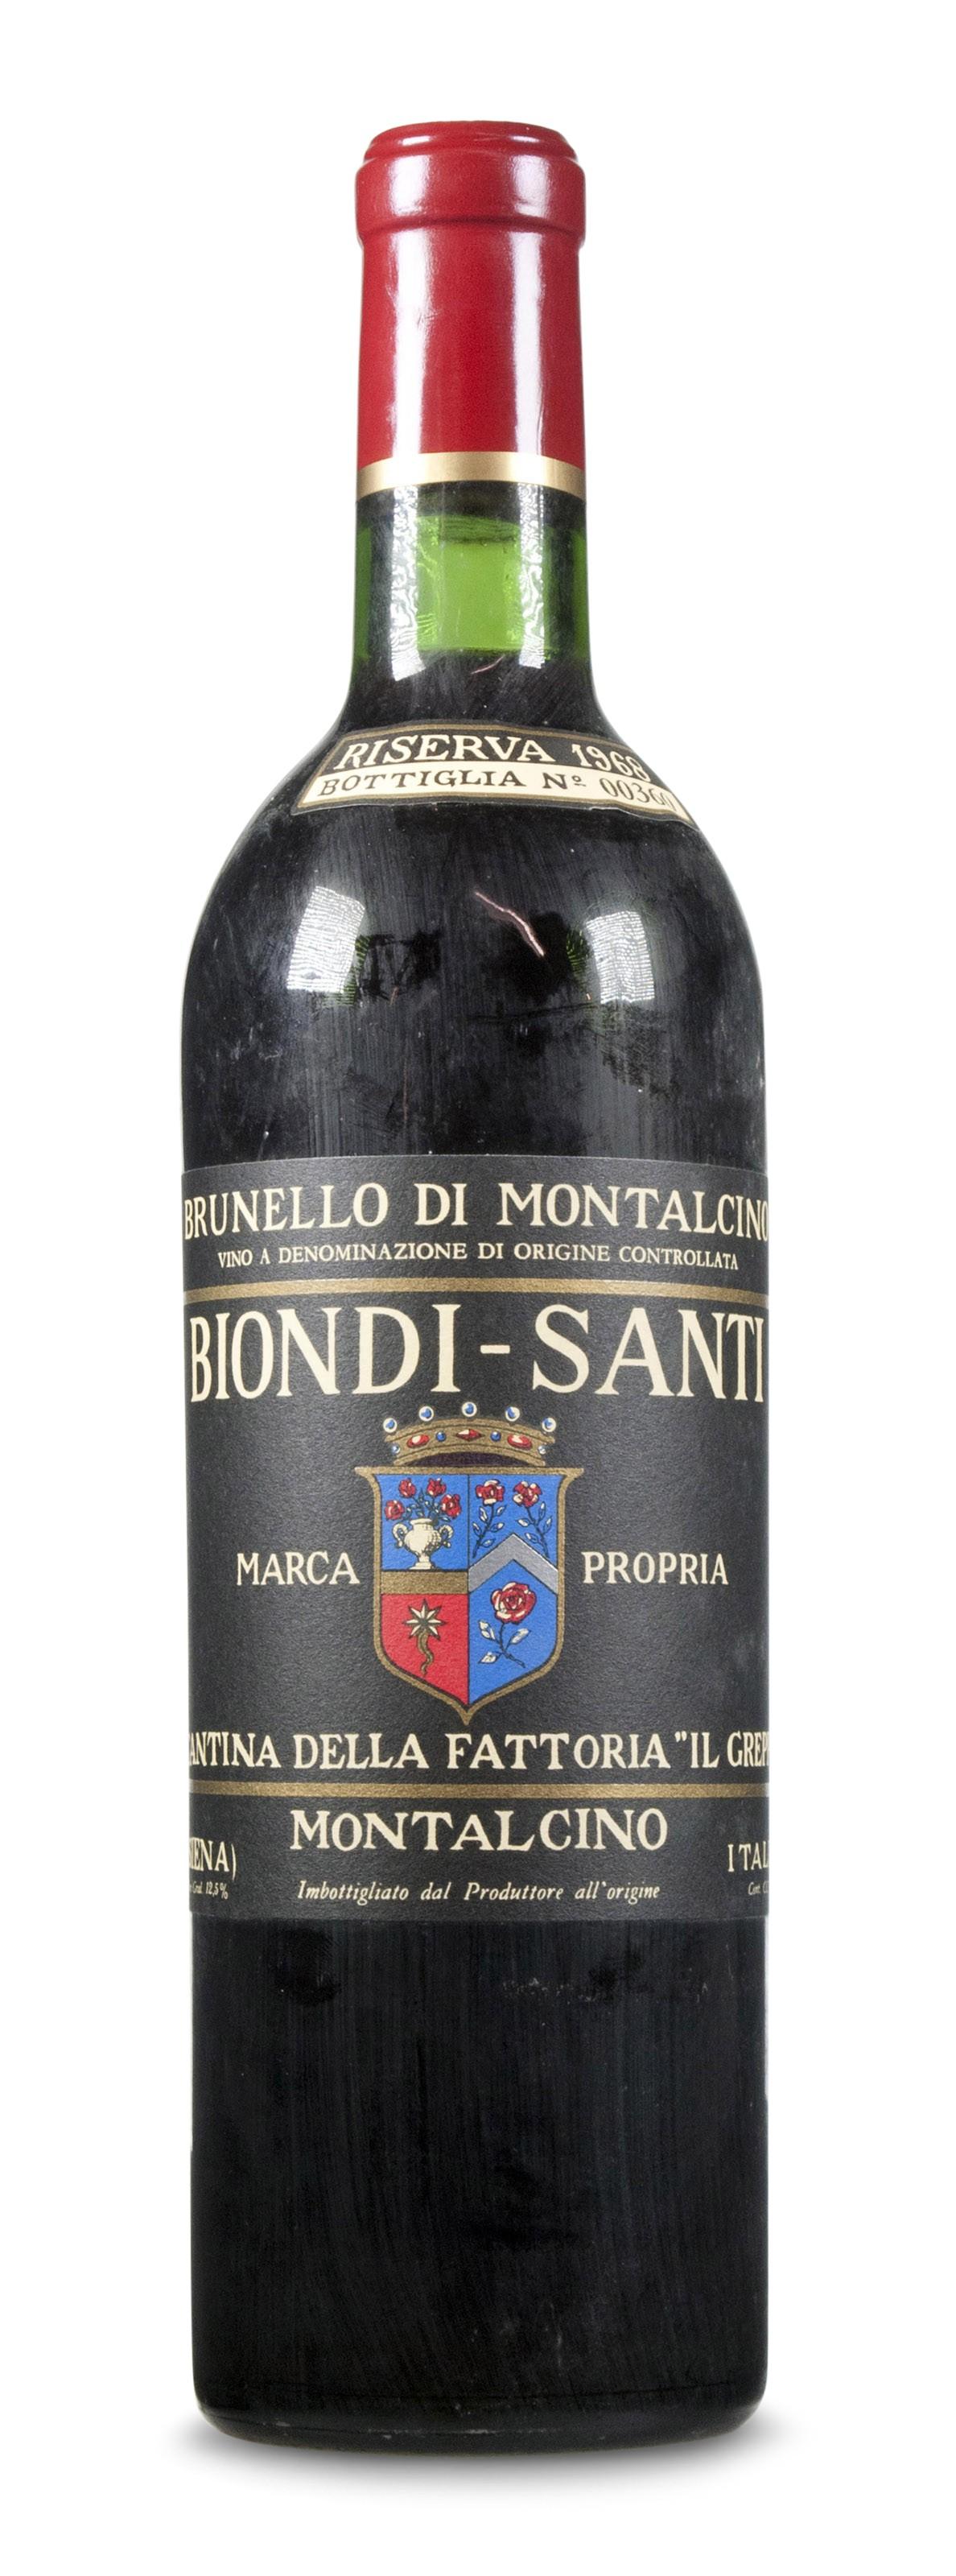 Biondi Santi, Brunello di Montalcino Riserva 1968